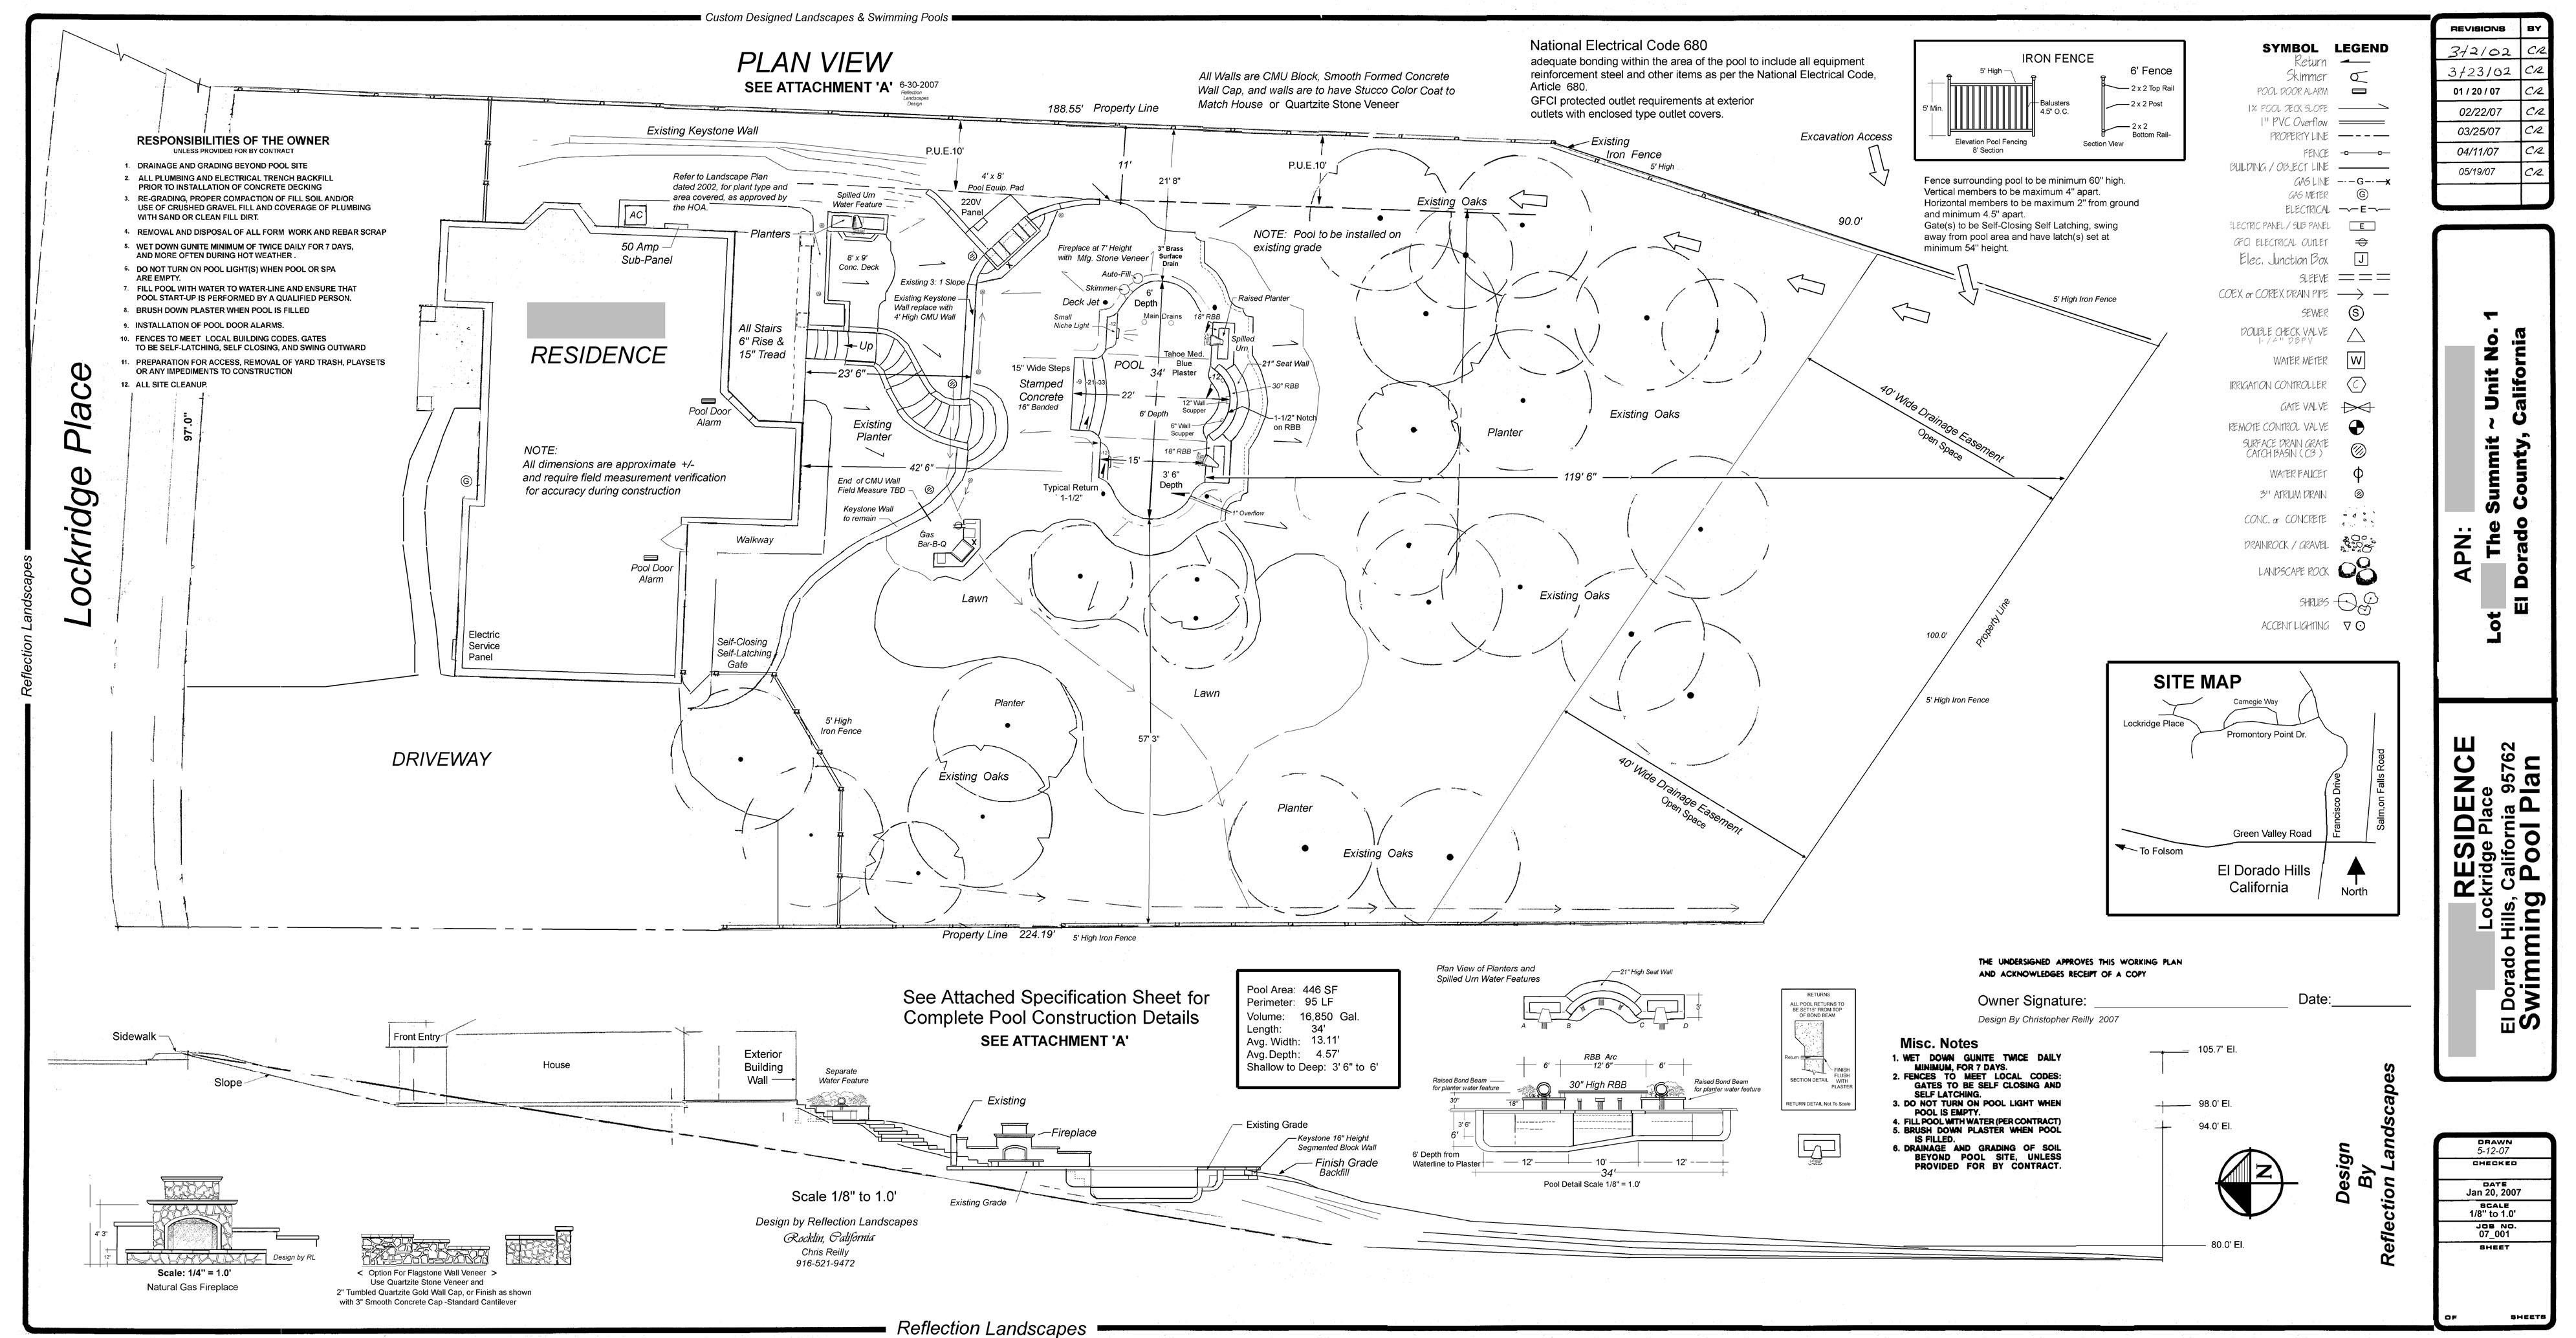 Swimming Pool Blueprints landscaping, landscape design, reflection landscapes